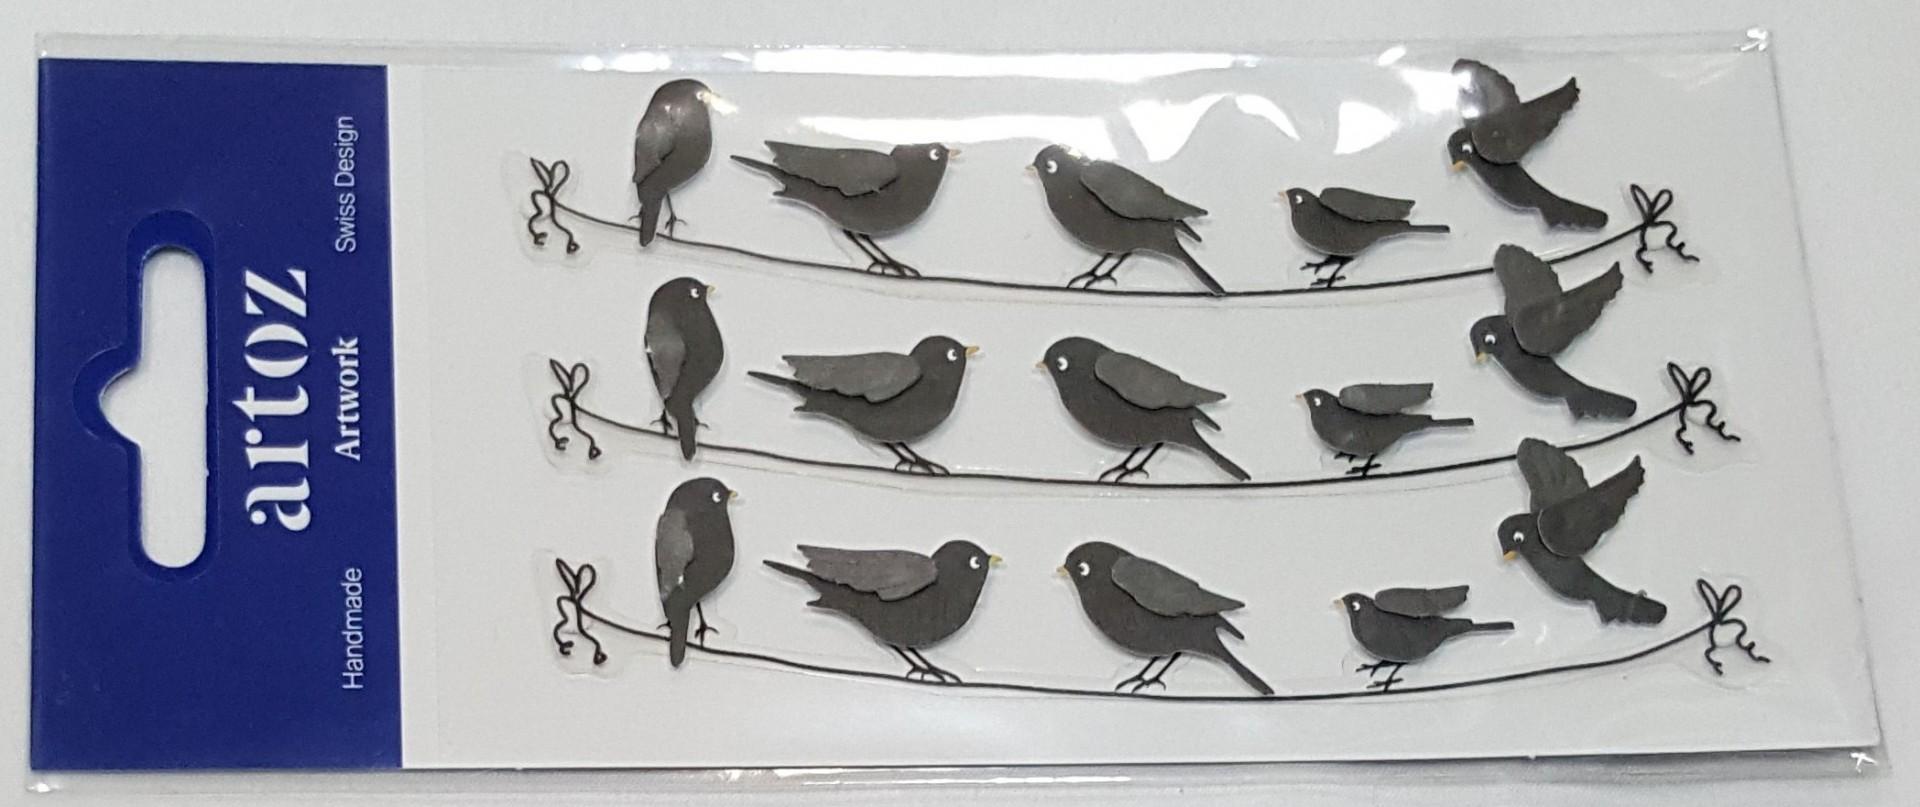 Aplicações scrapbooking - pássaros -Artoz Artwork